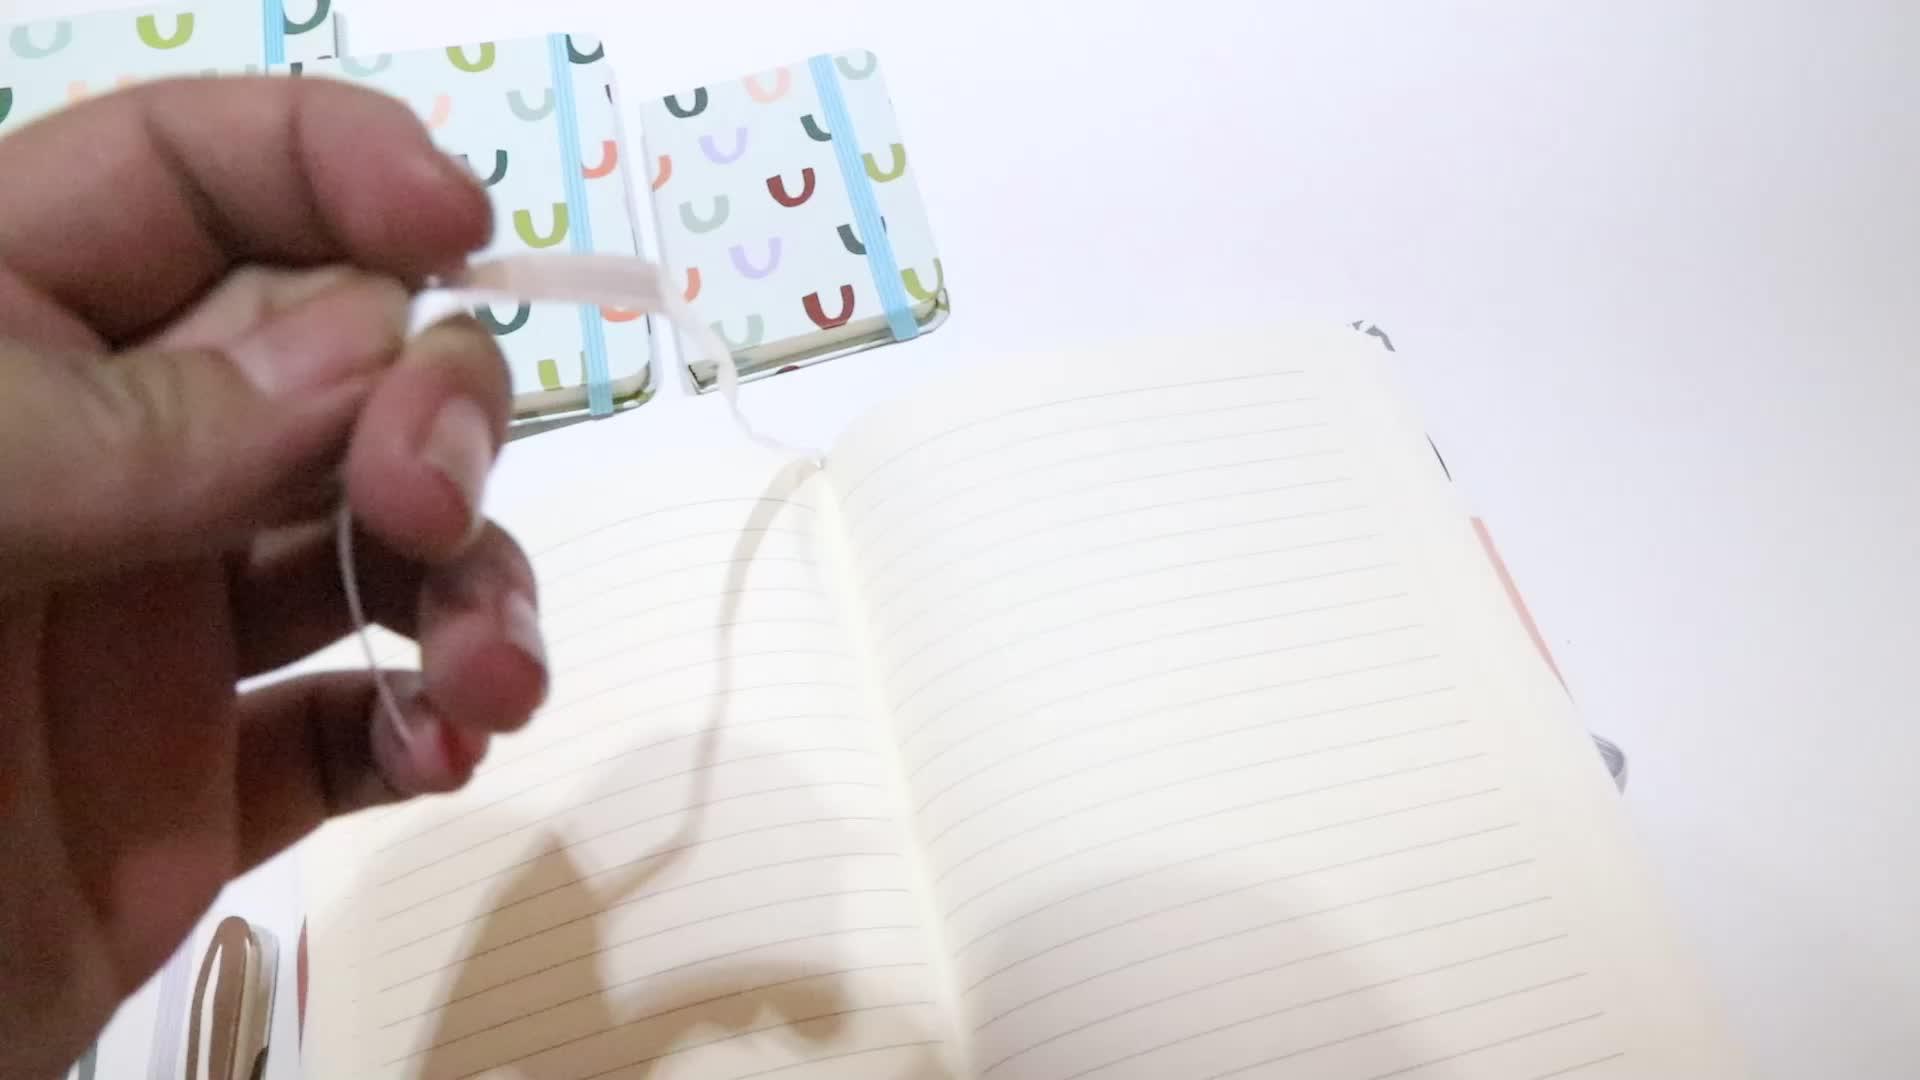 2019 Baru Desain Notebook Printing A5 Hardcover Notebook dengan Tali Elastis